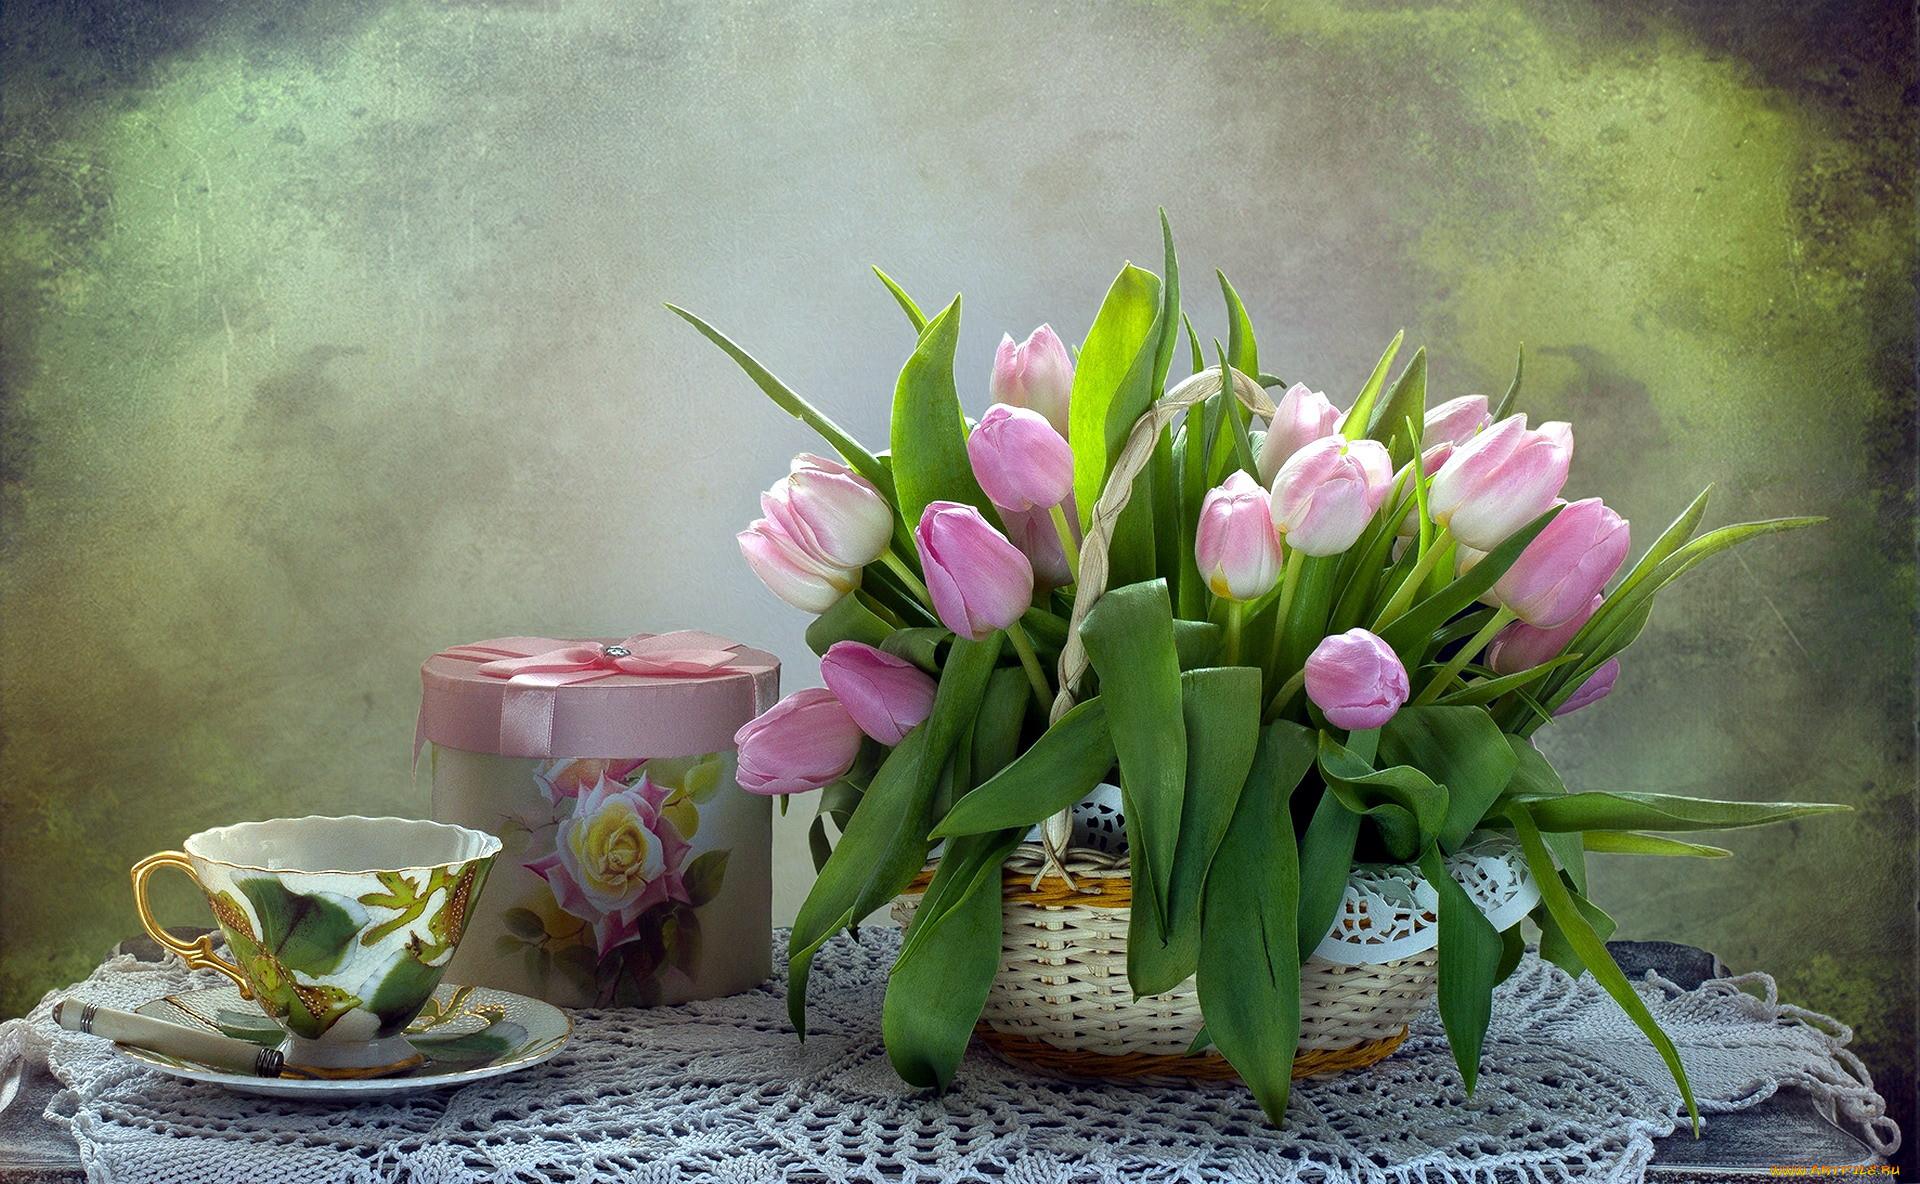 фото доброе утро с тюльпанами кралья, перевернуть руль